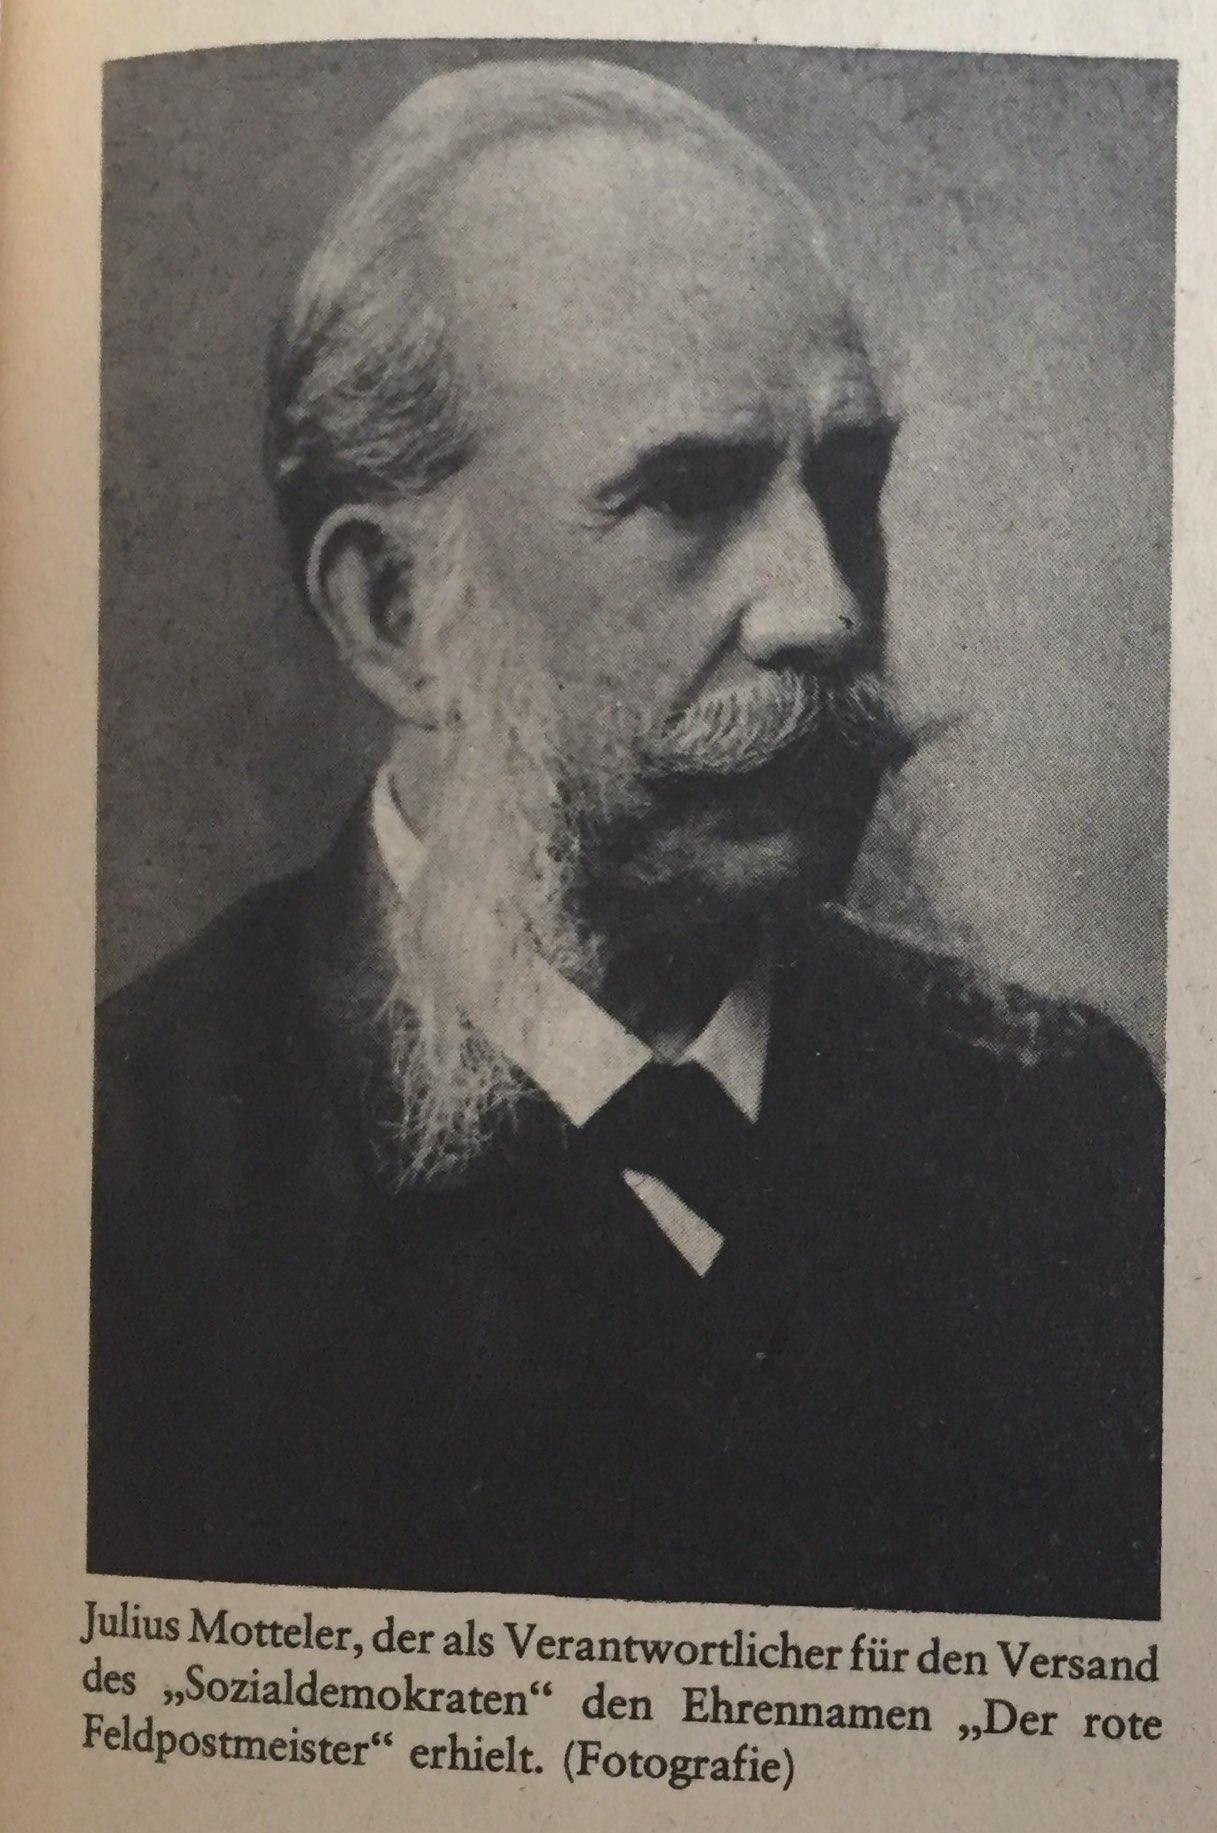 Julius Motteler